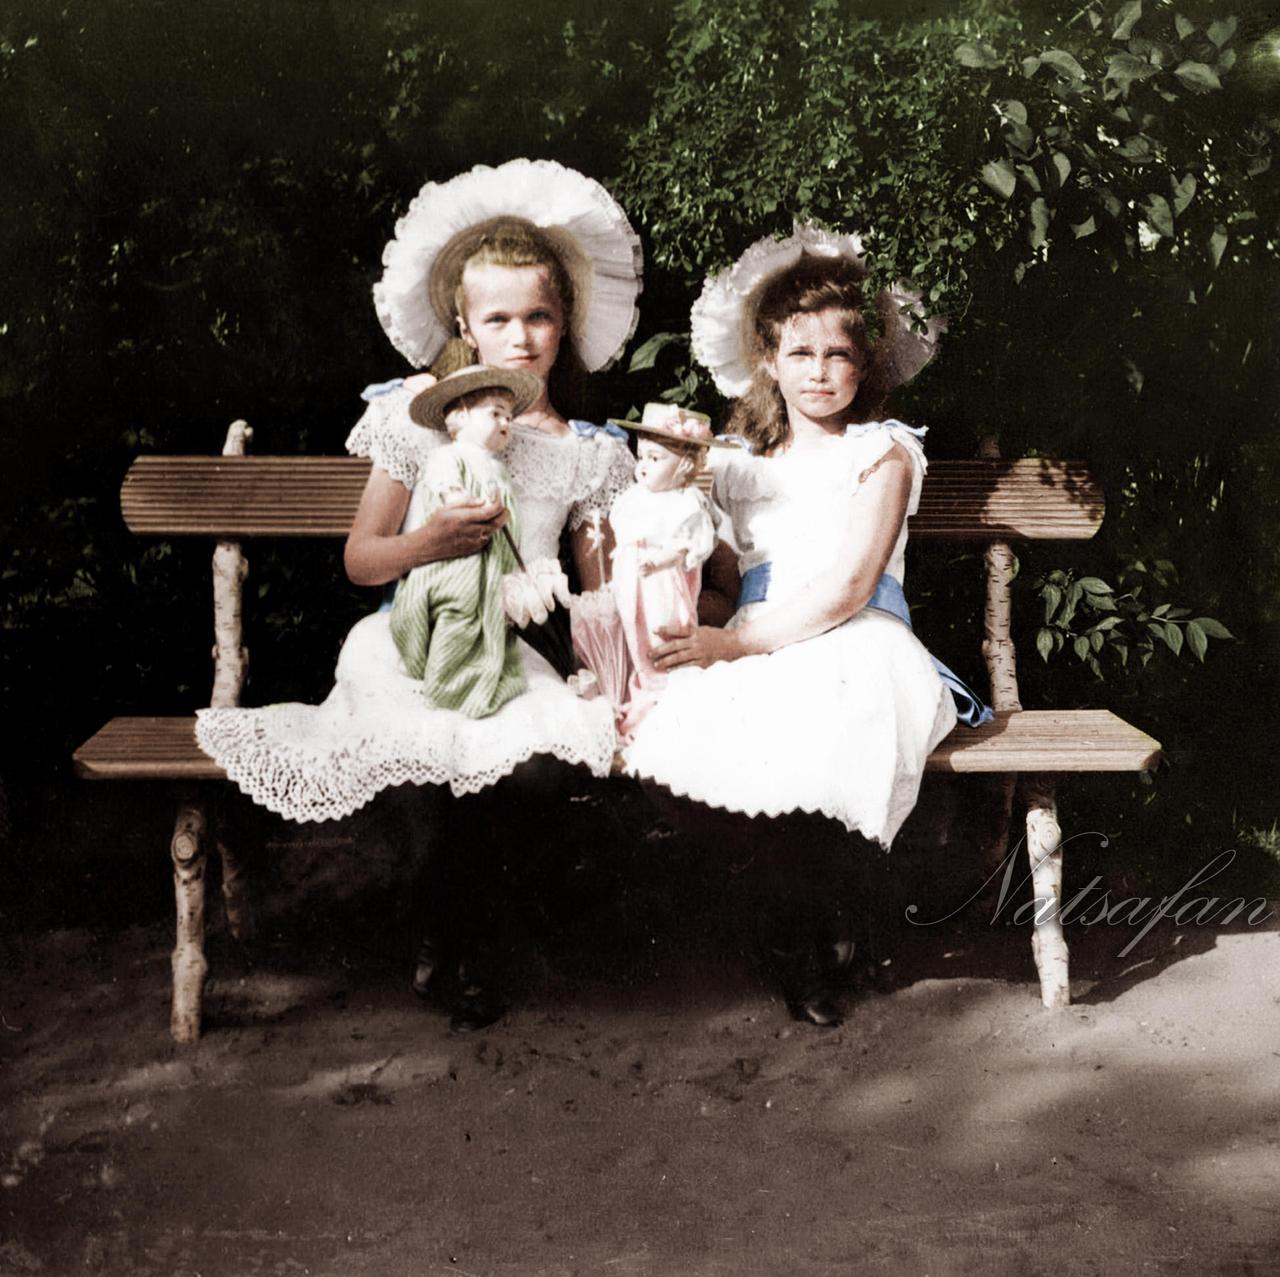 Семья иммершафт 2 23 фотография